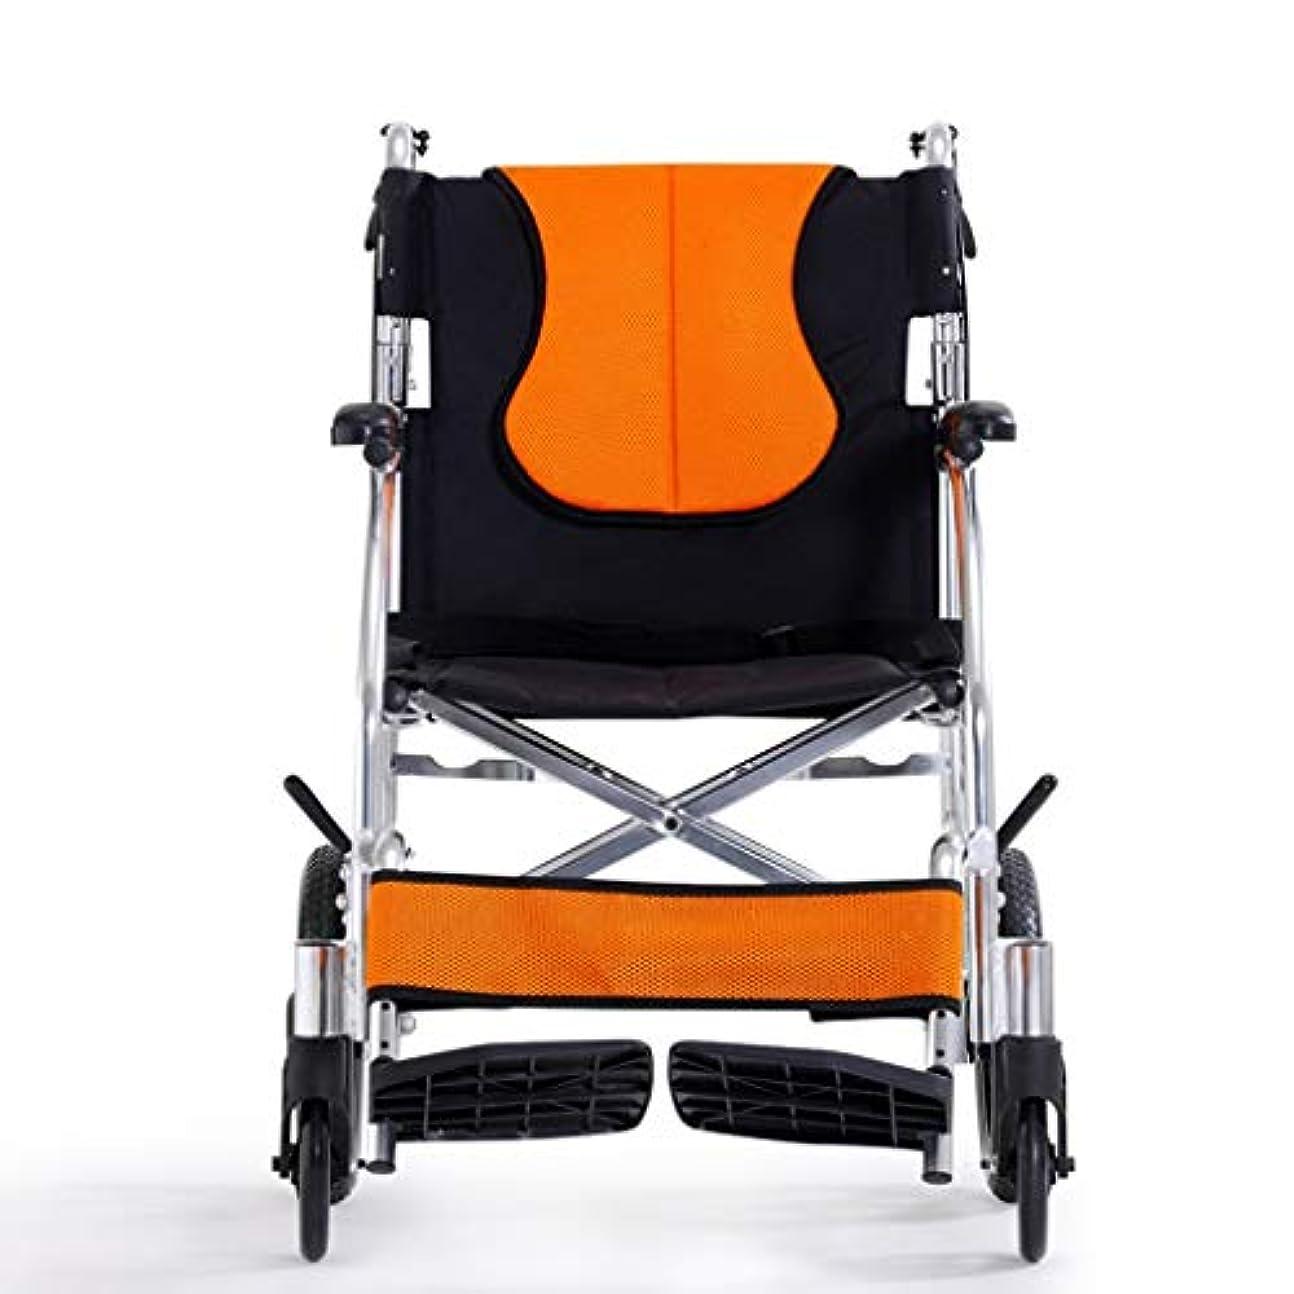 オーバーコート憂鬱な刺す車椅子調節可能、アルミ合金折りたたみ軽量トロリー、高齢者用手動車椅子無効トロリー